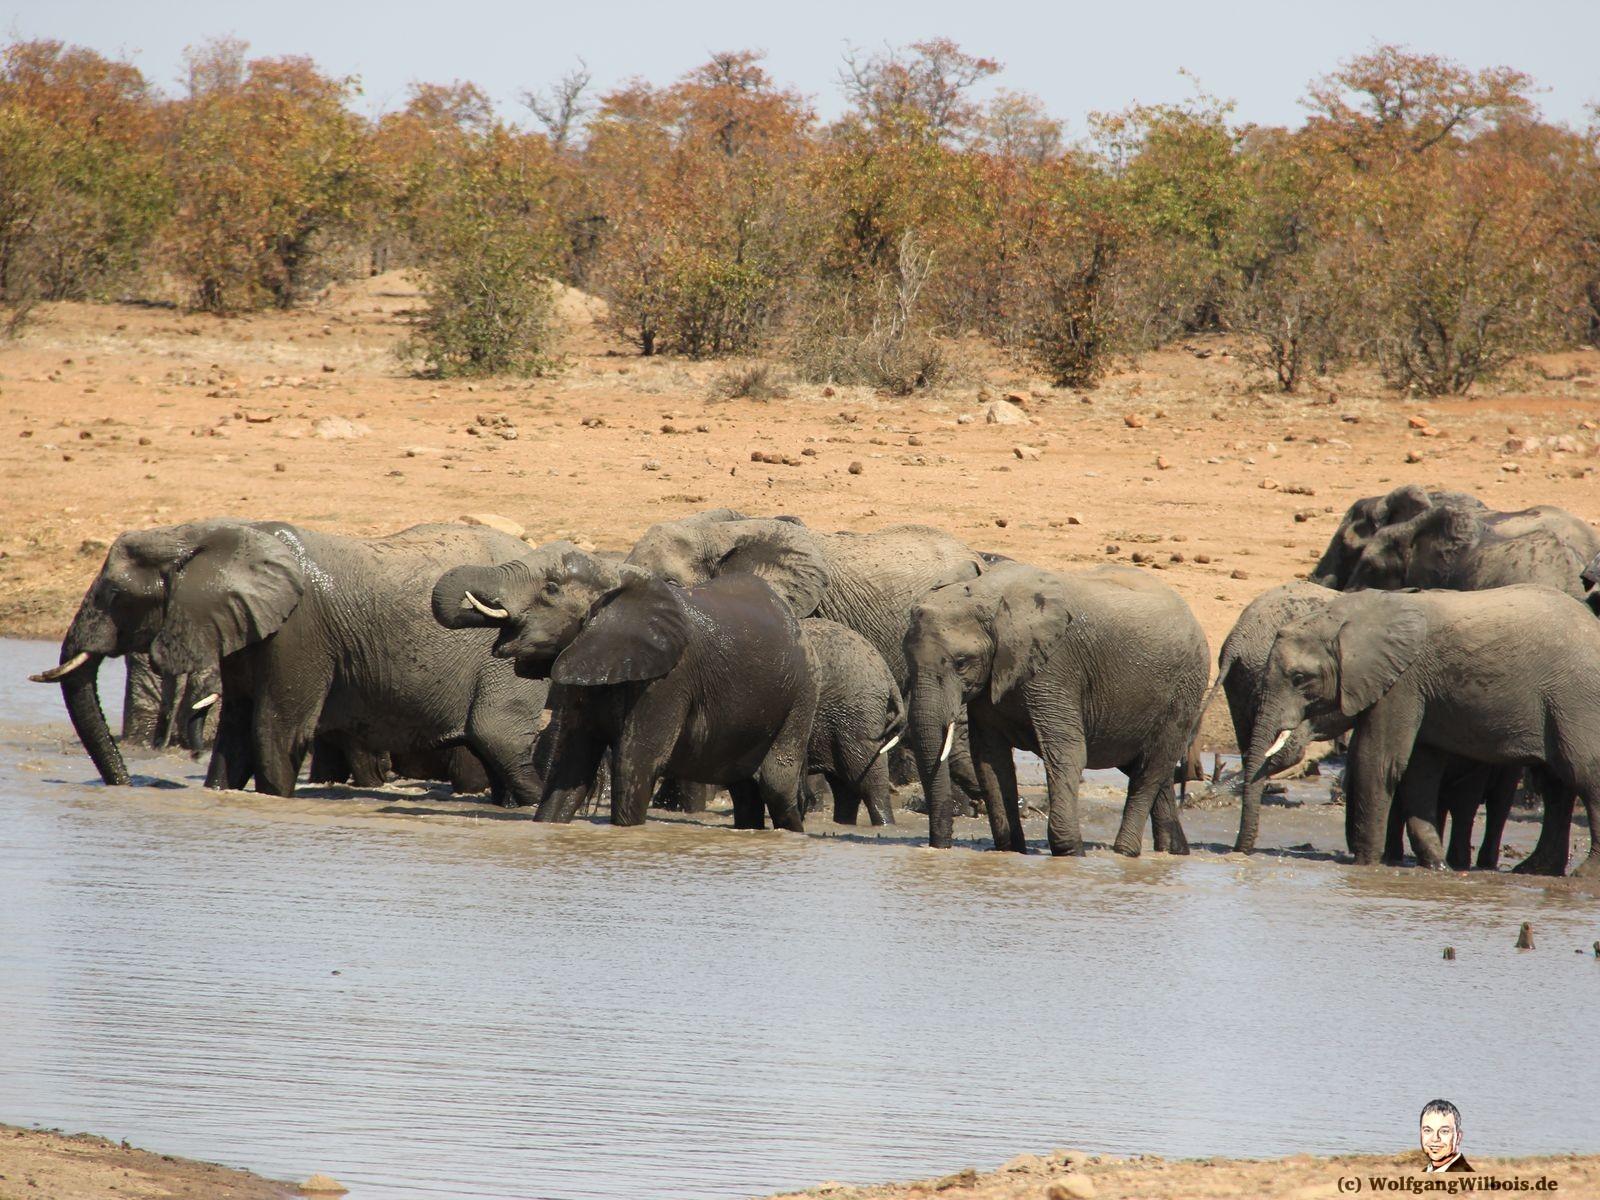 Suedafrika Krueger Nationalpark Elefantenherde baden